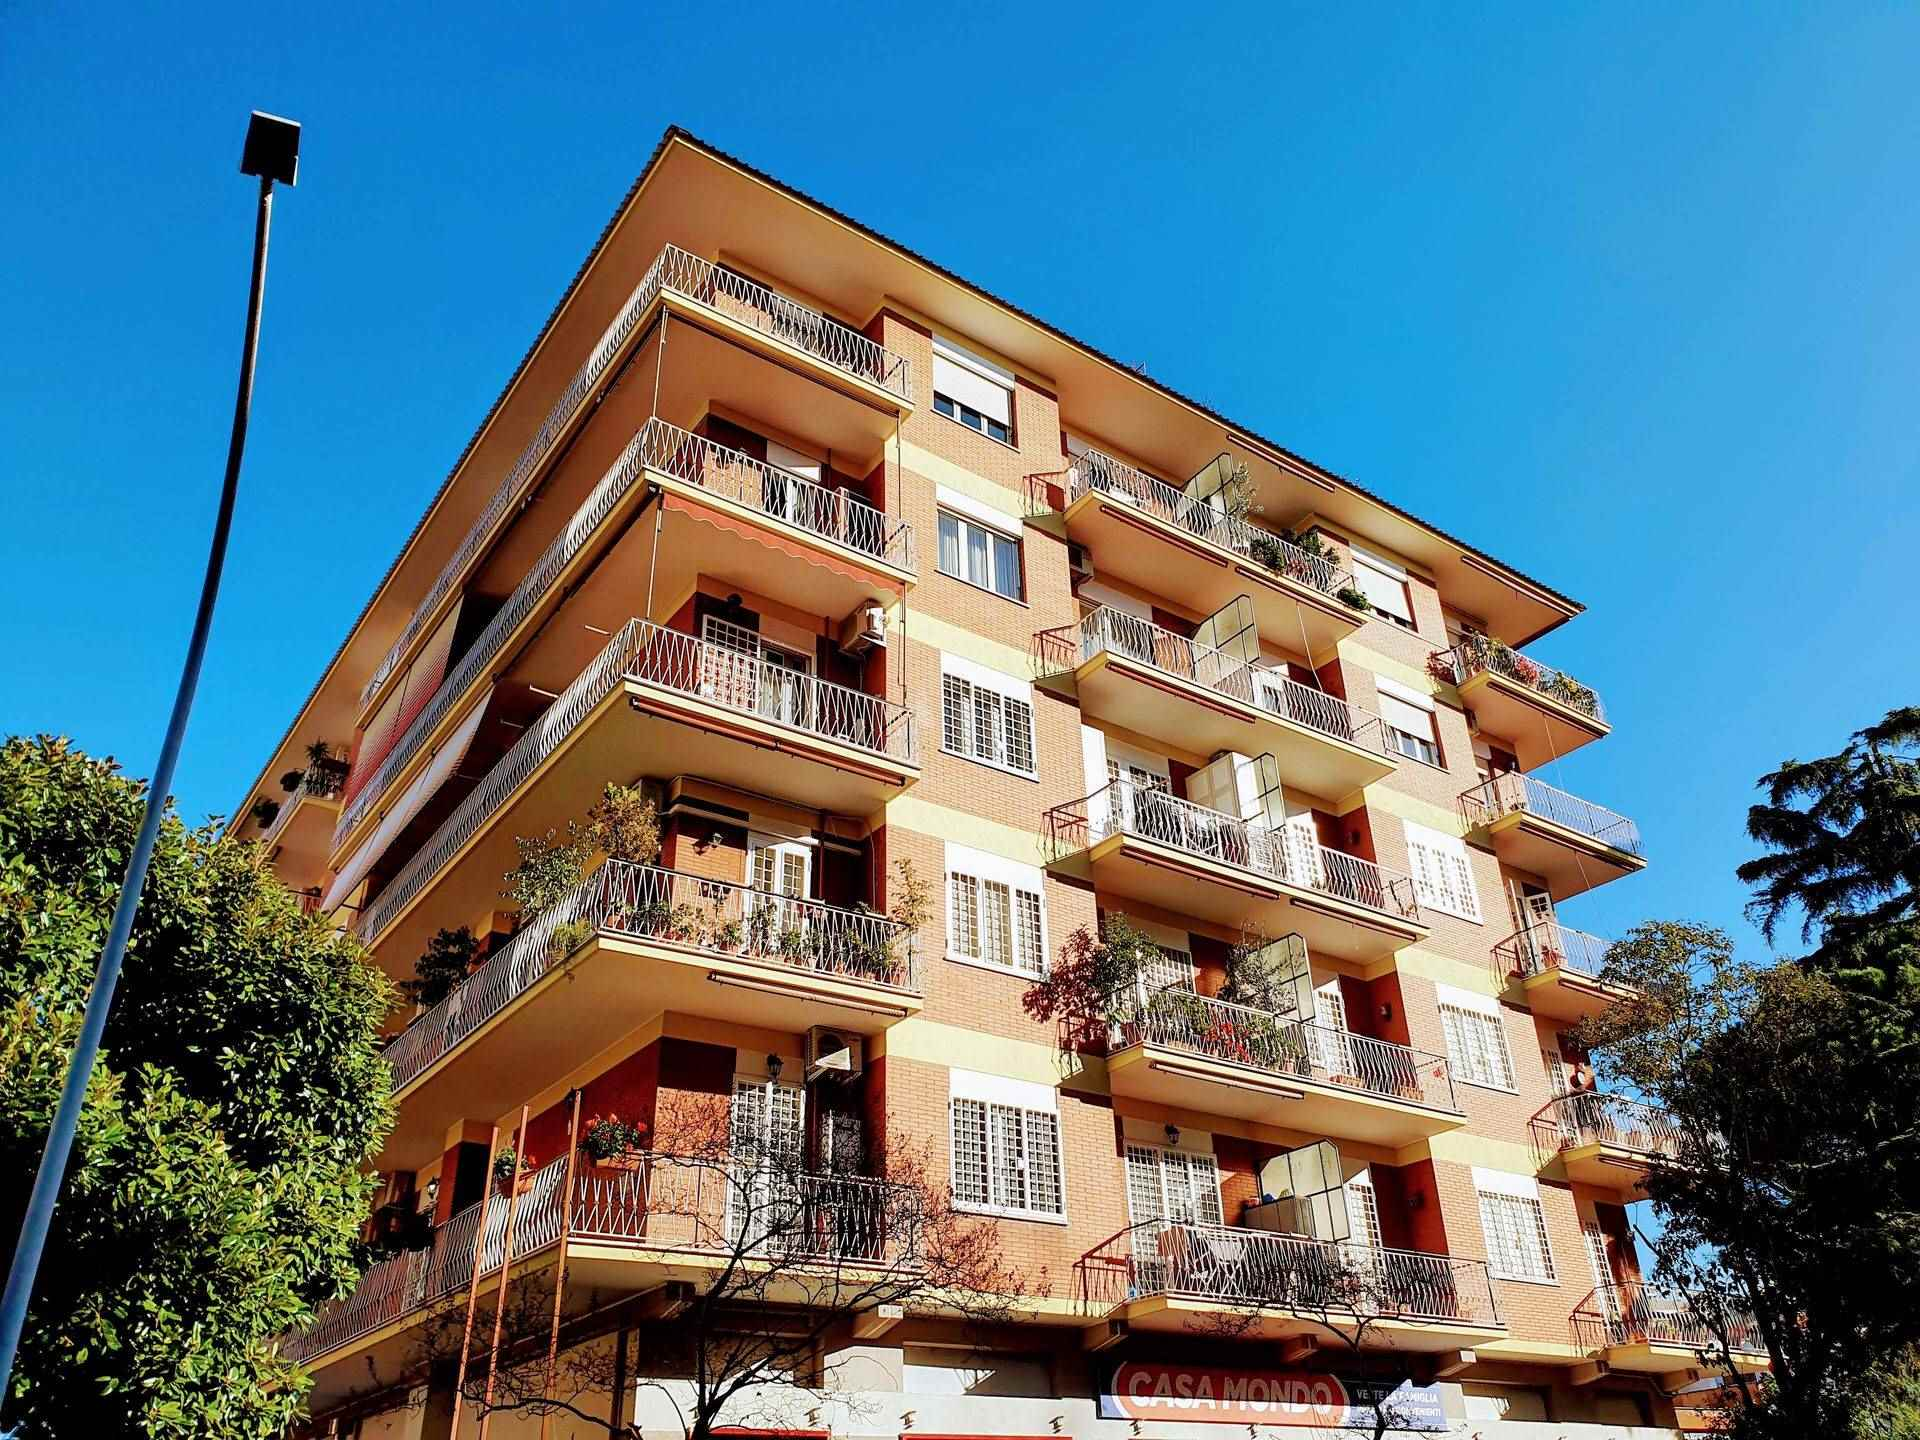 Appartamento in vendita a Roma, 5 locali, zona Zona: 10 . Pigneto, Largo Preneste, prezzo € 695.000   CambioCasa.it